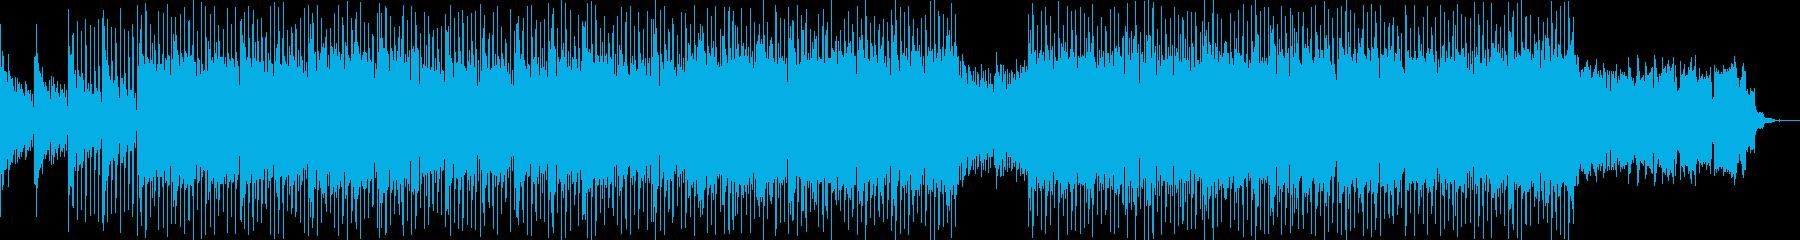 法人 サスペンス 技術的な 説明的...の再生済みの波形